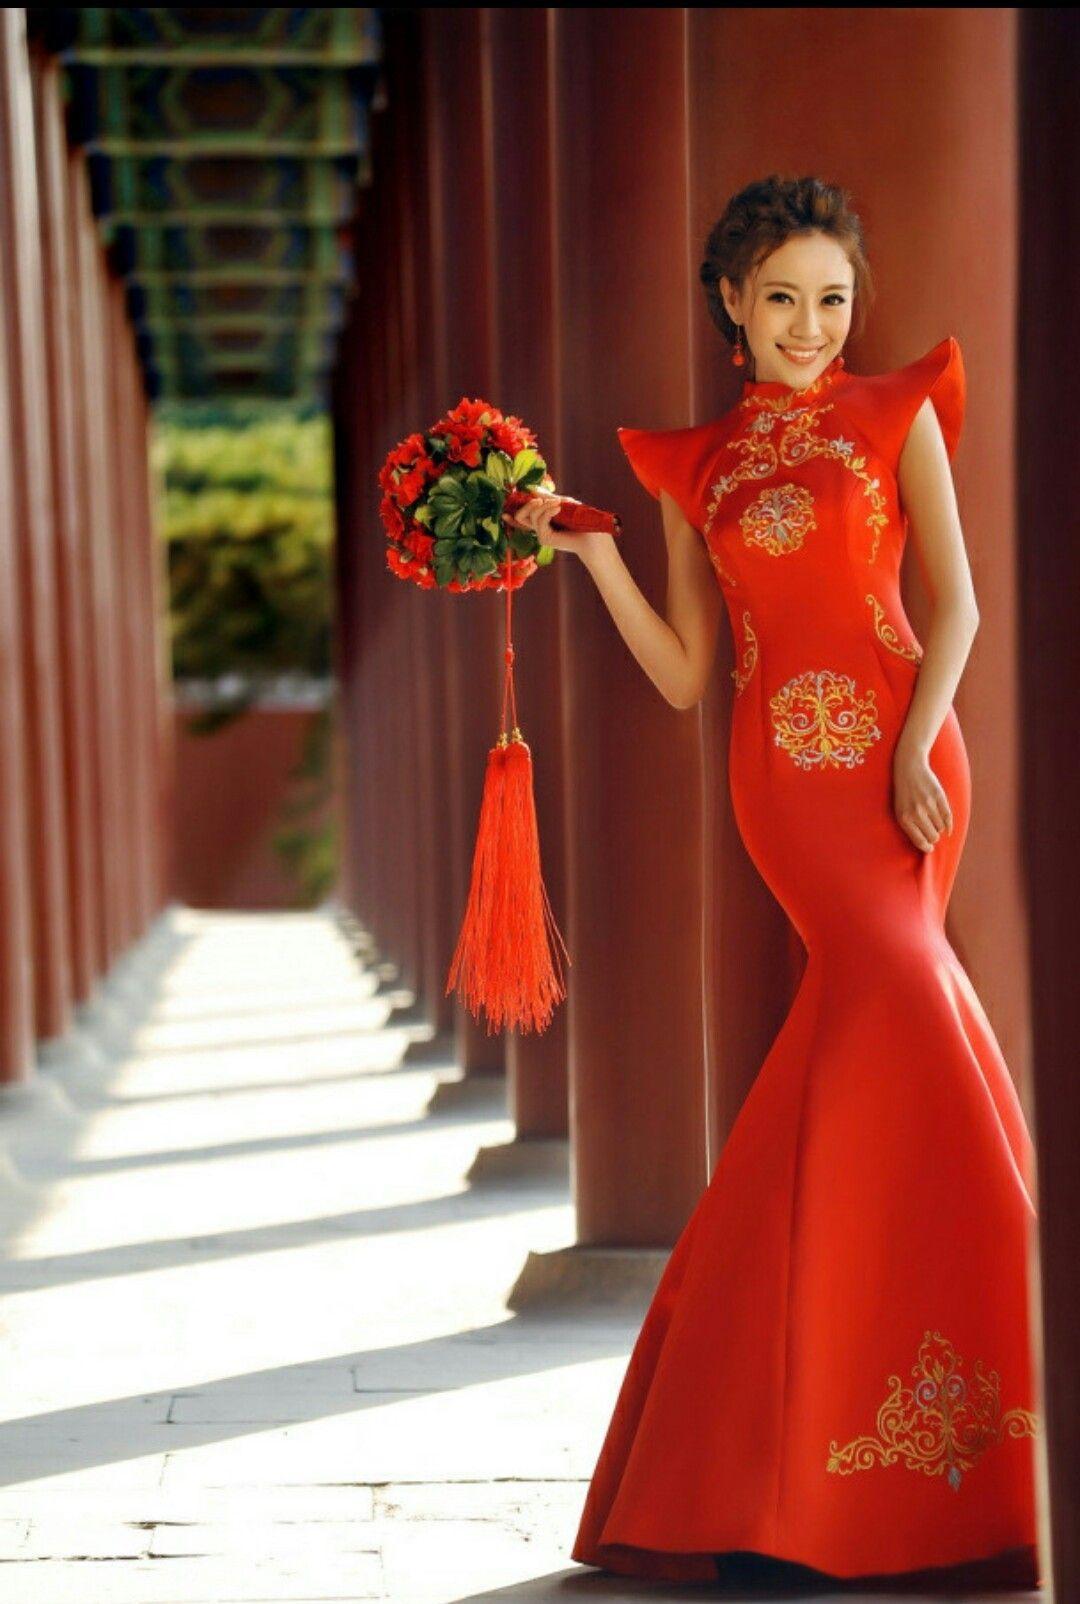 Asiatische Kleider